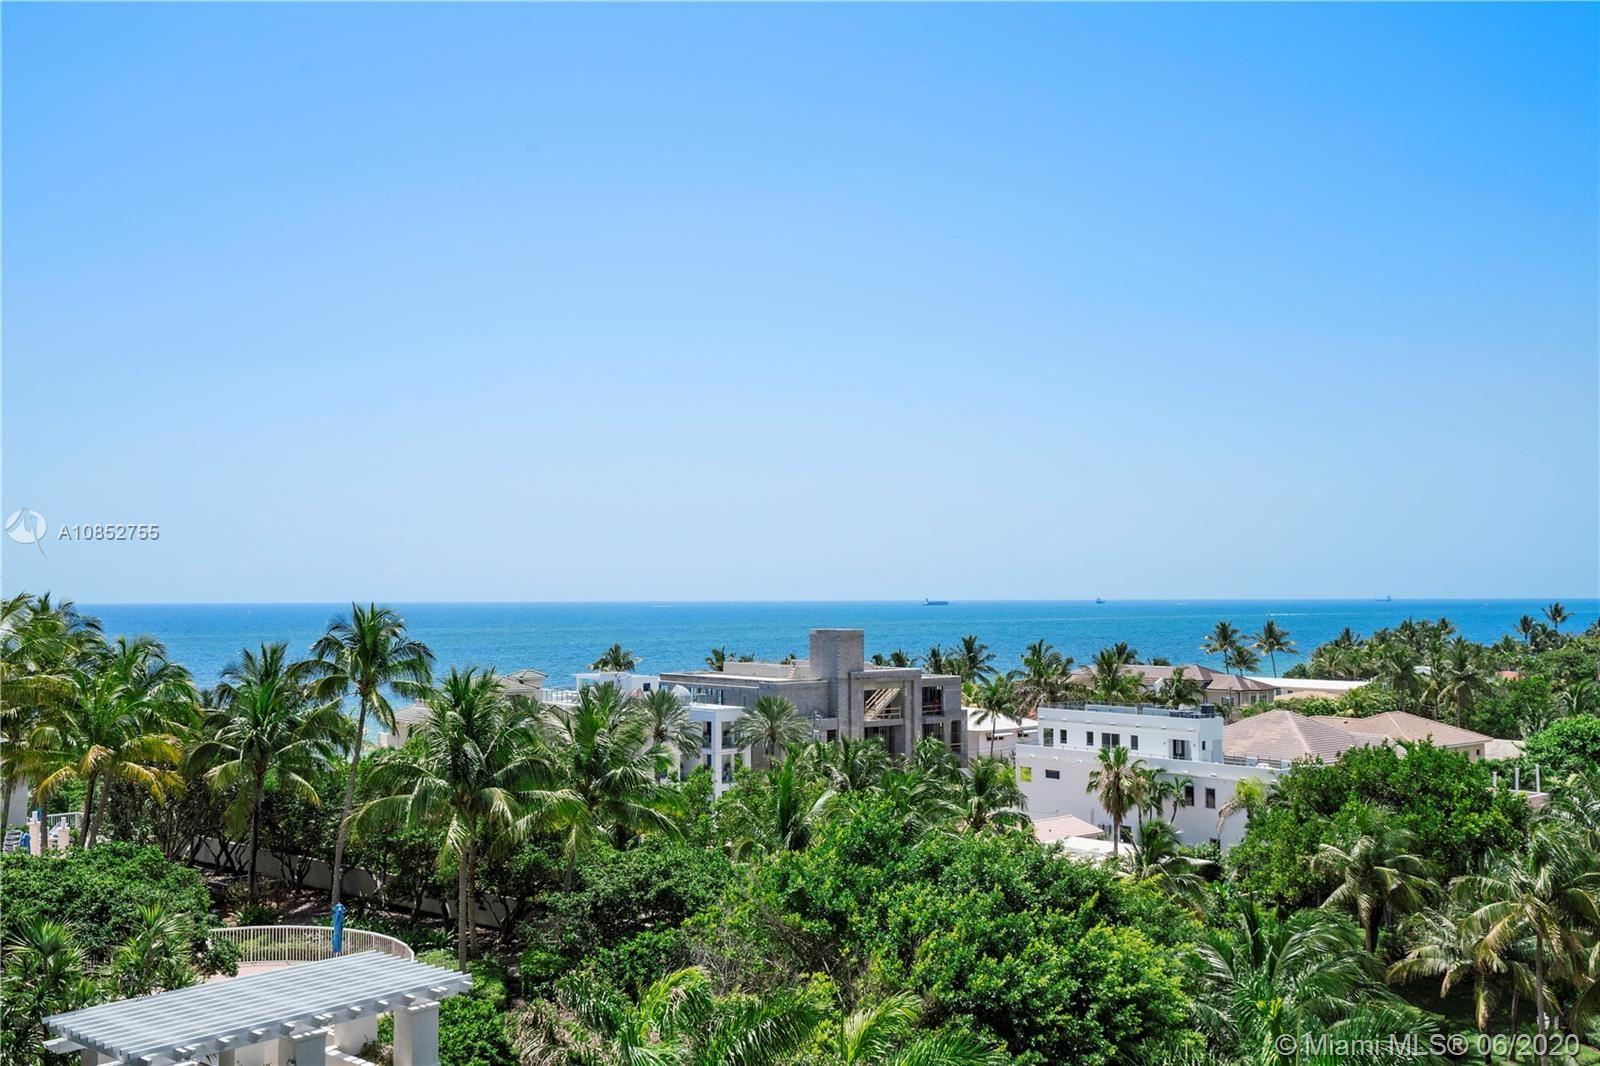 Photo of 3100 N Ocean Blvd #707, Fort Lauderdale, FL 33308 (MLS # A10852755)